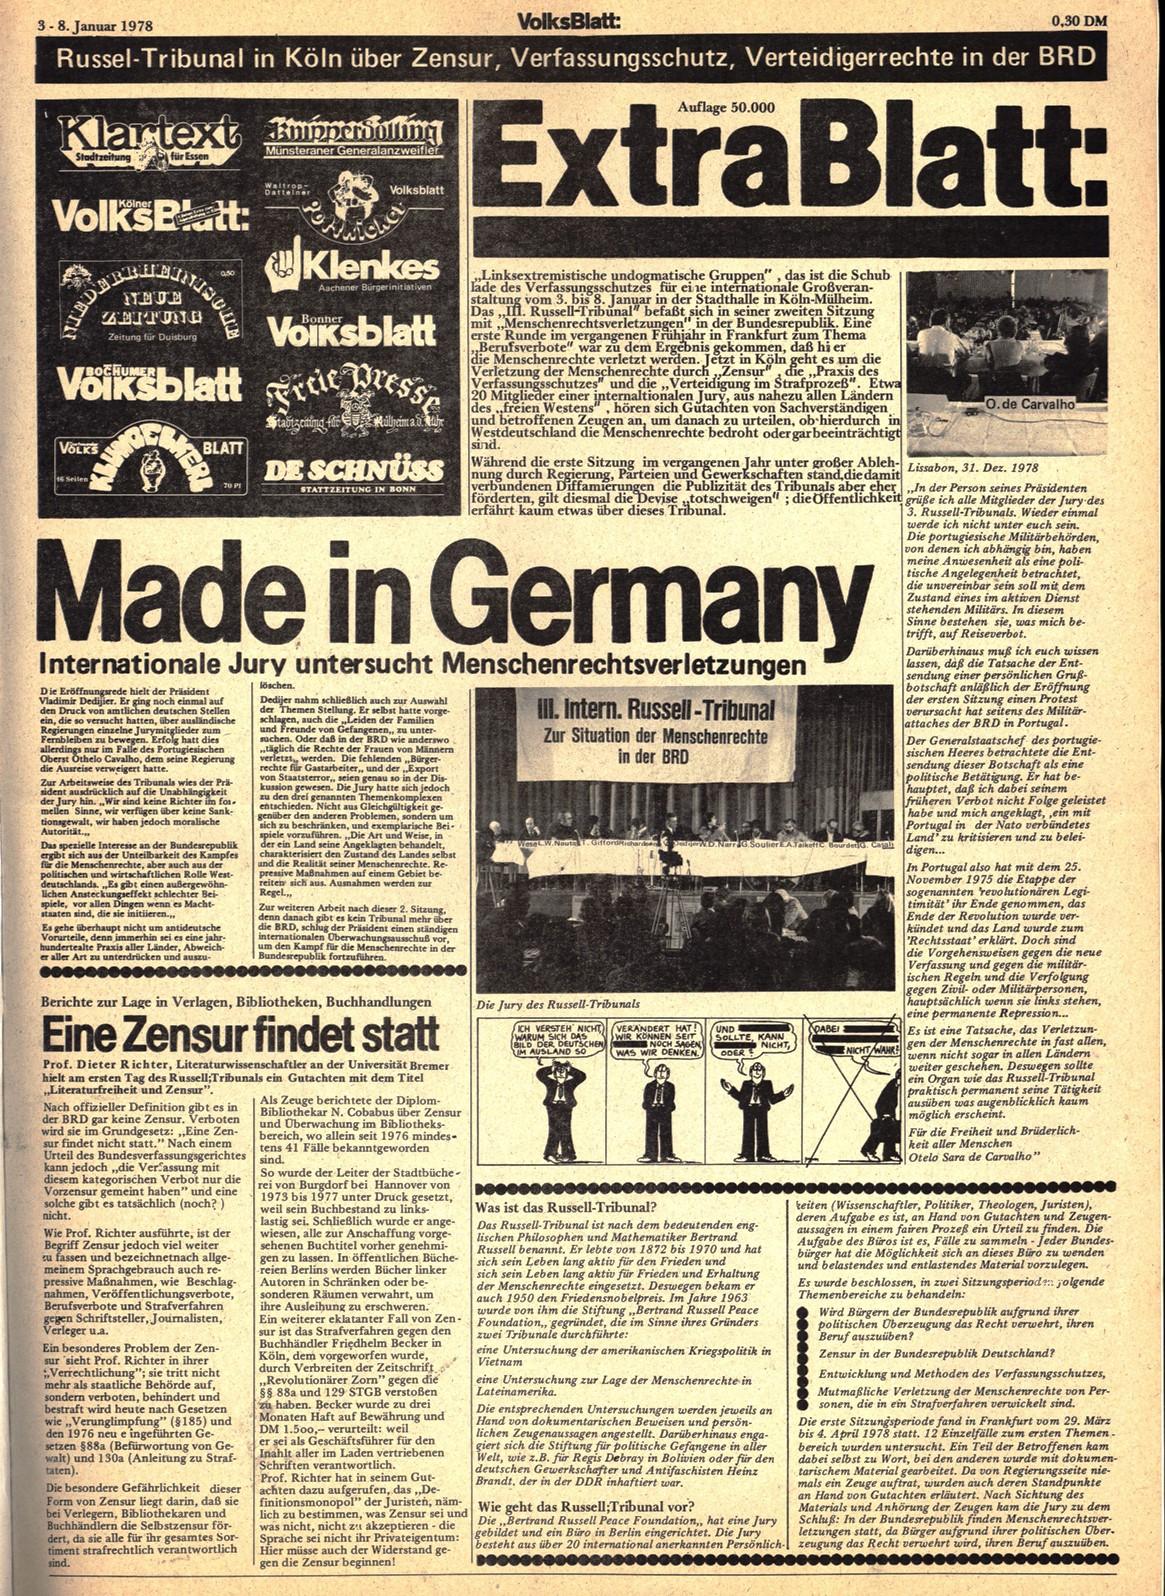 Bonner_Volksblatt_Extra_19790103_01